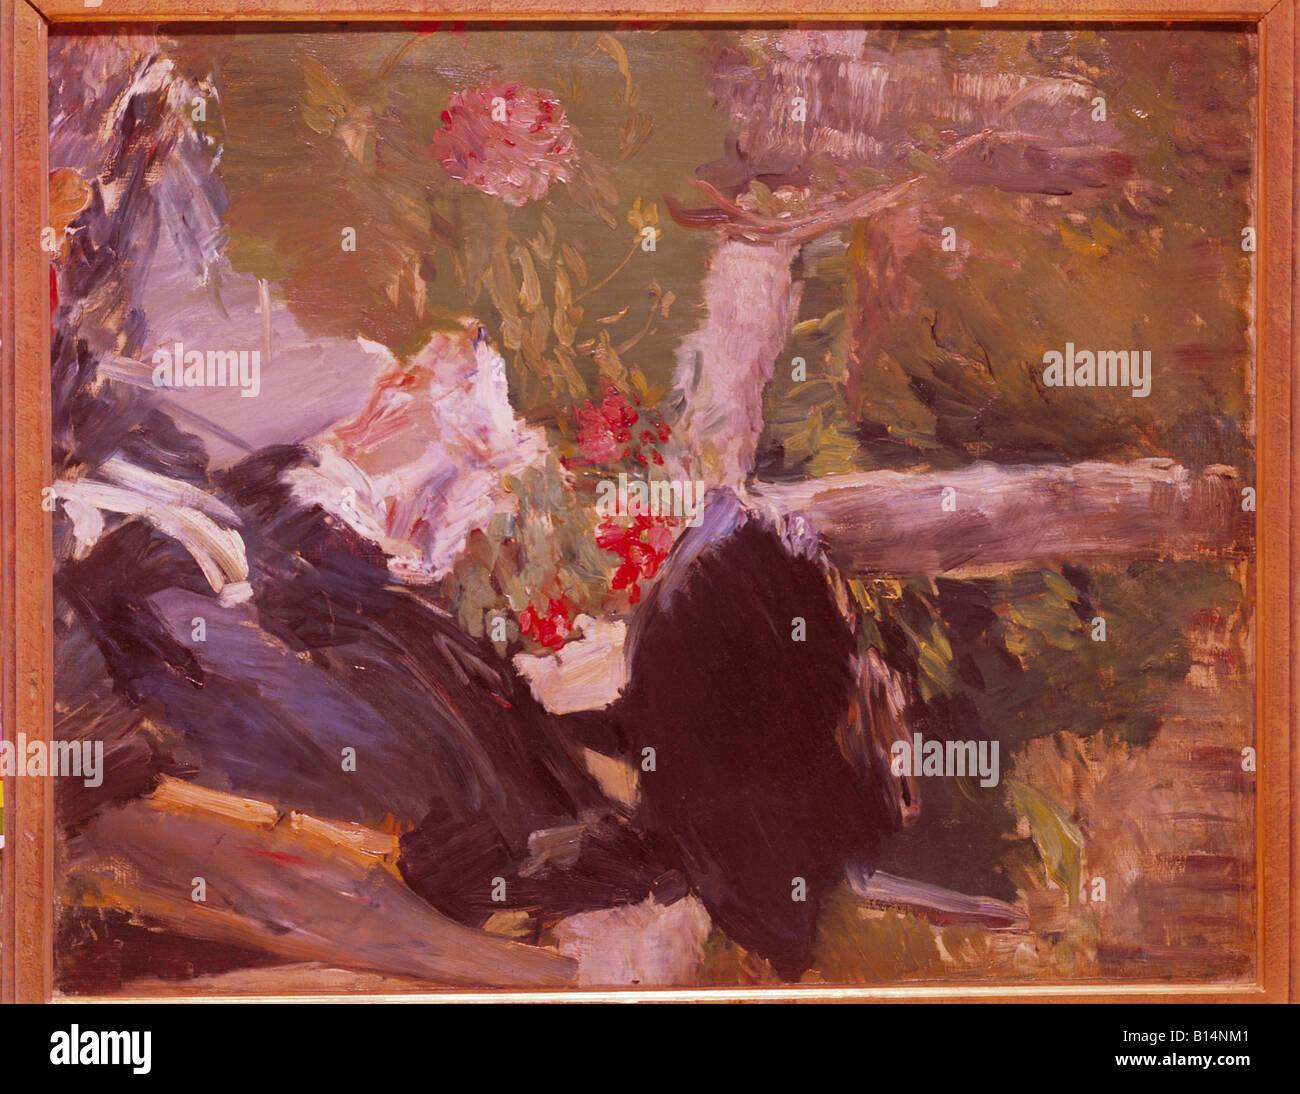 """Bildende Kunst, Manet, Edouard, (1832-1883), Malerei, """"La Reine de Manet Dans le Jardin de Bellevue"""", (""""Manets Mutter Stockfoto"""